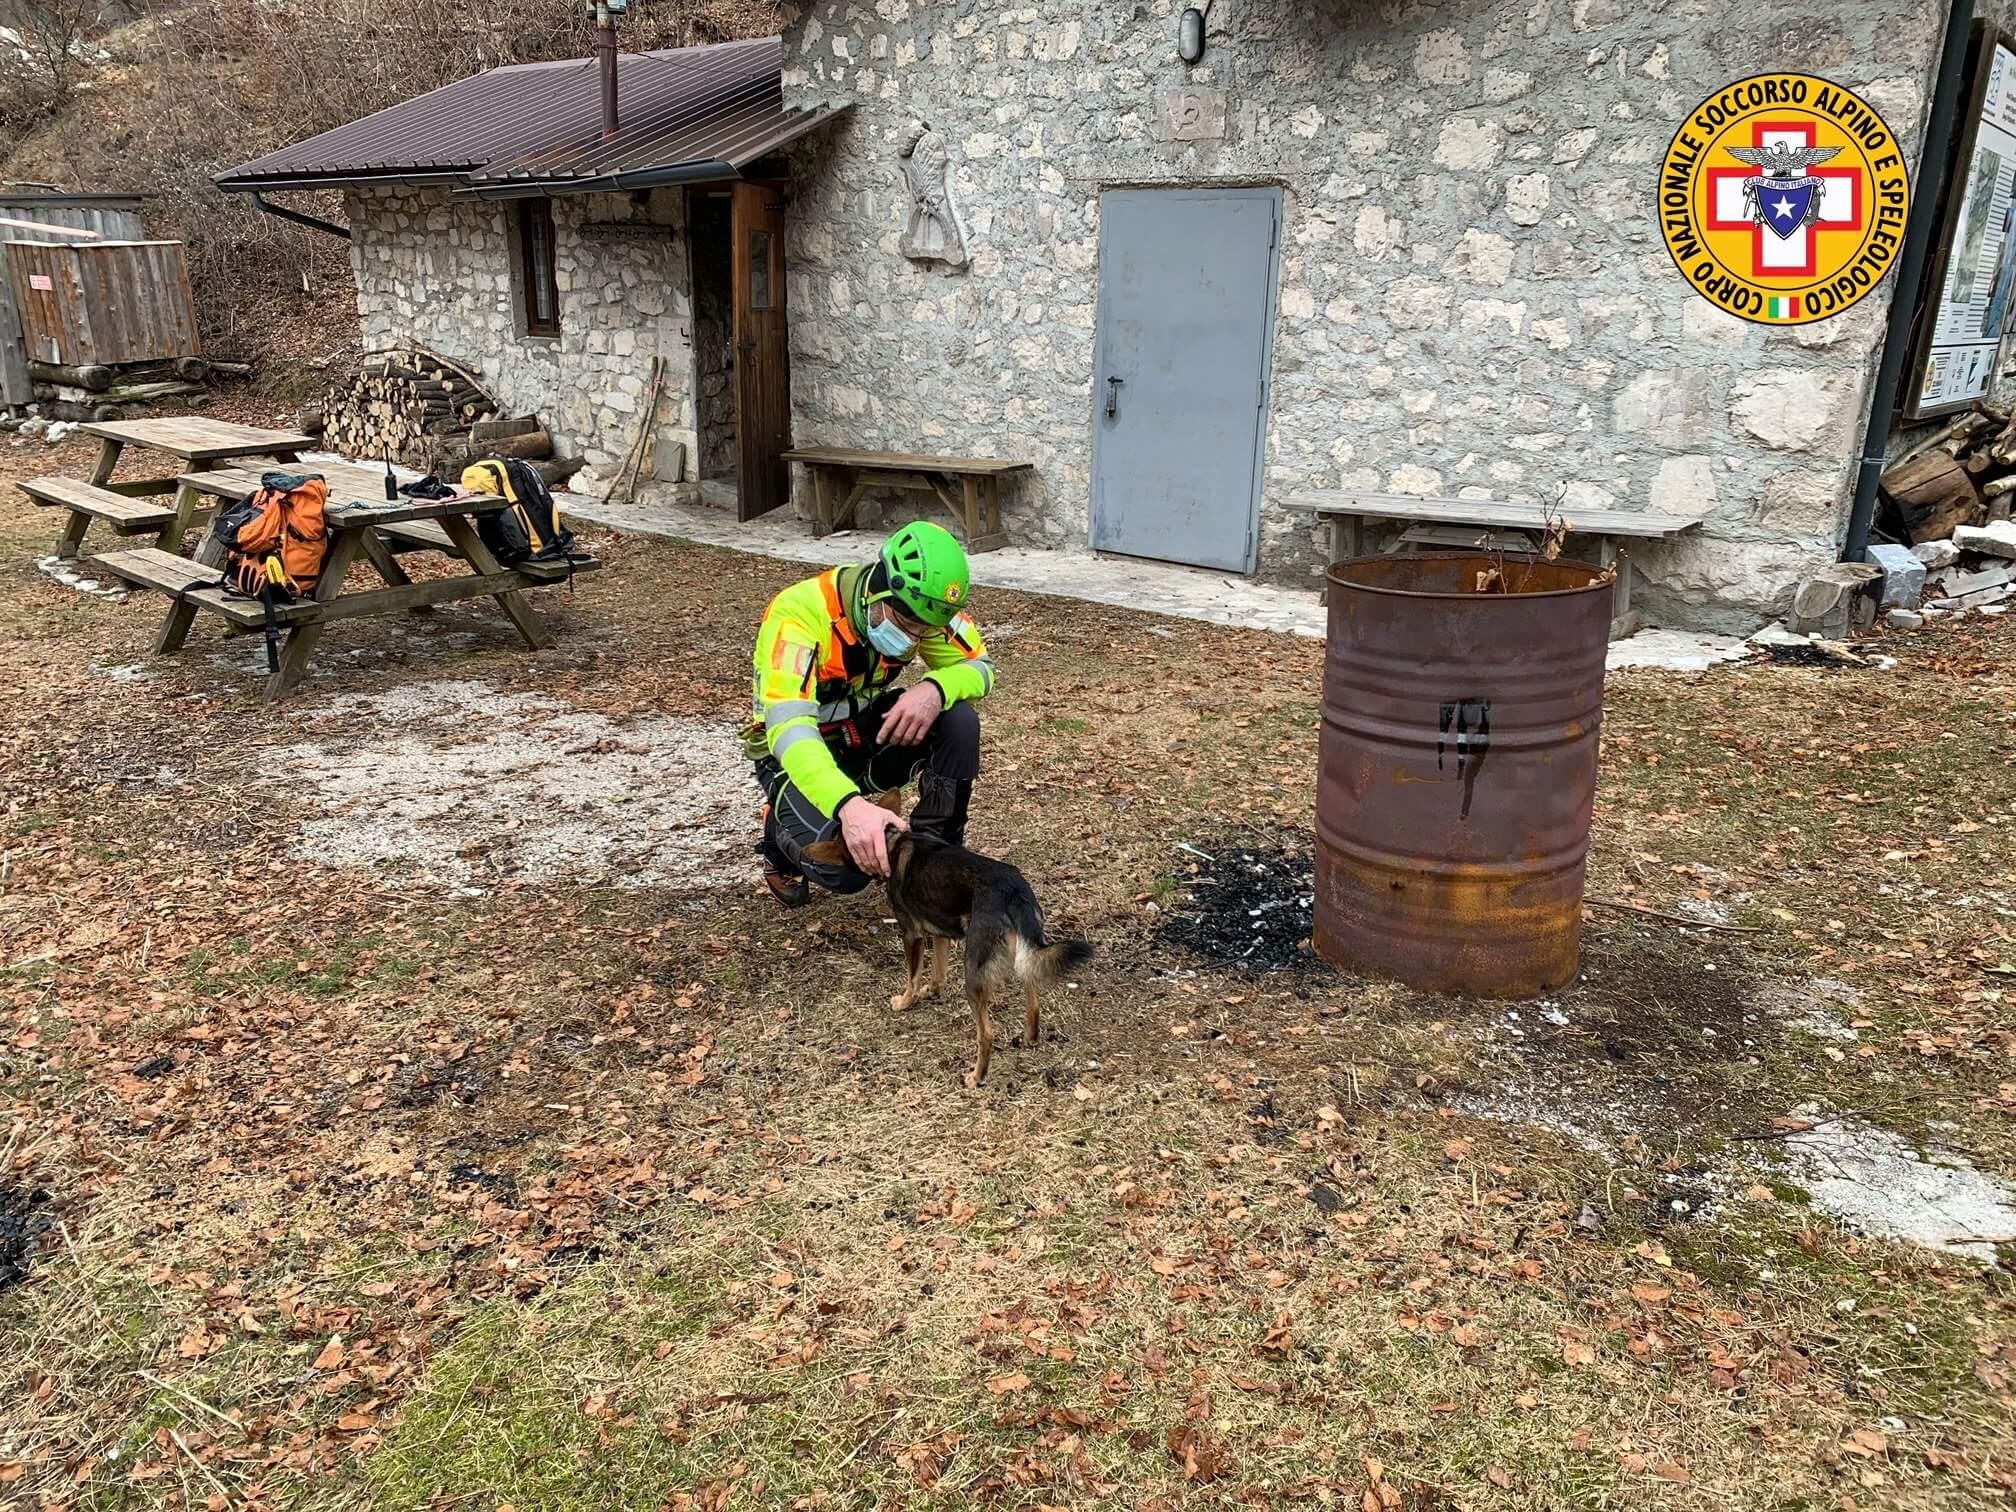 Po sedmih nočeh v gorah našli poškodovanega Tržačana in njegovega psa